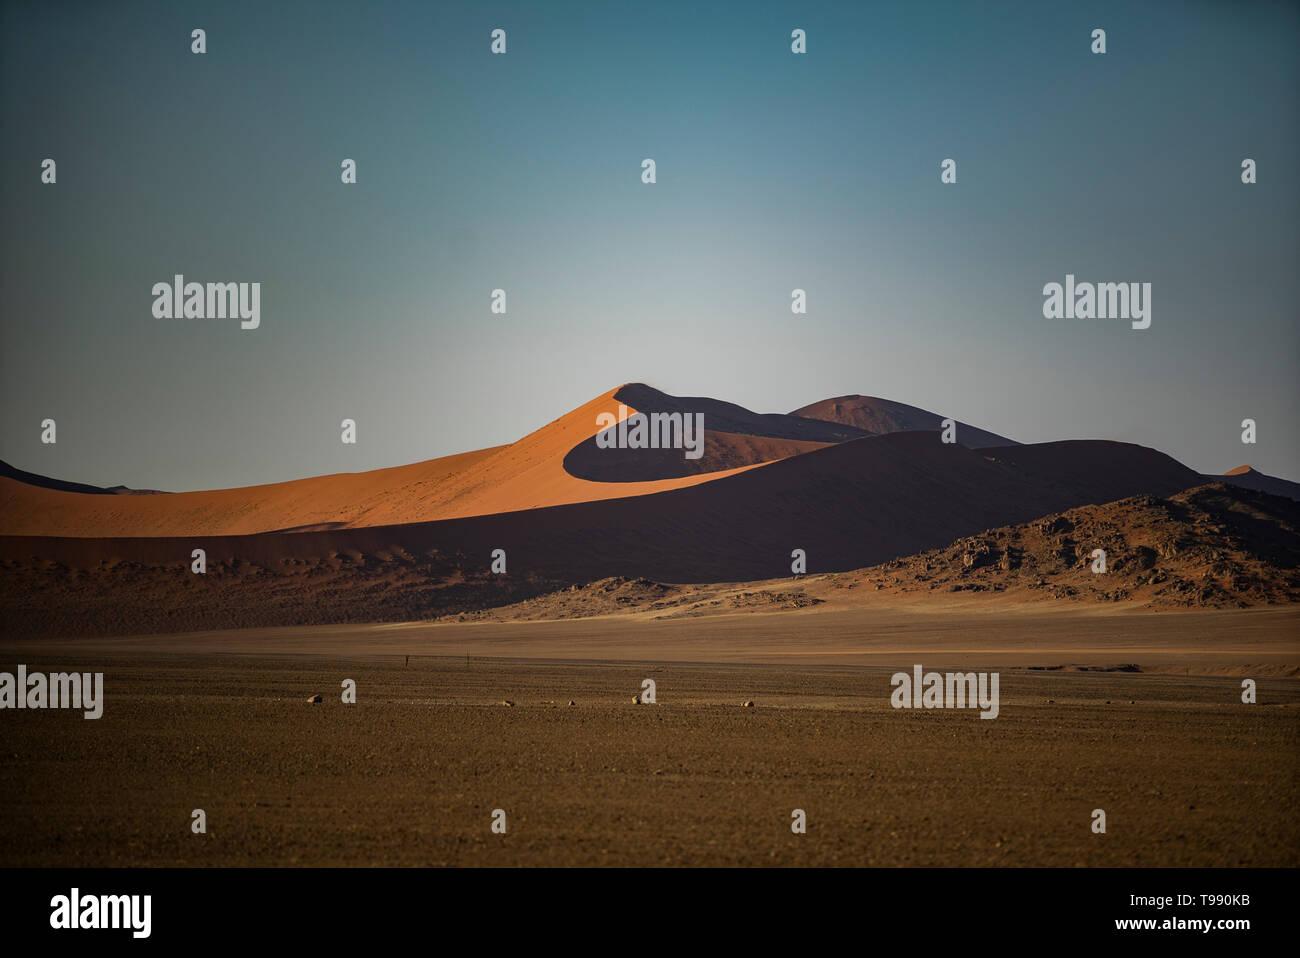 Le dune più grandi del mondo, Sossusvlei, Namibia, Africa Foto Stock